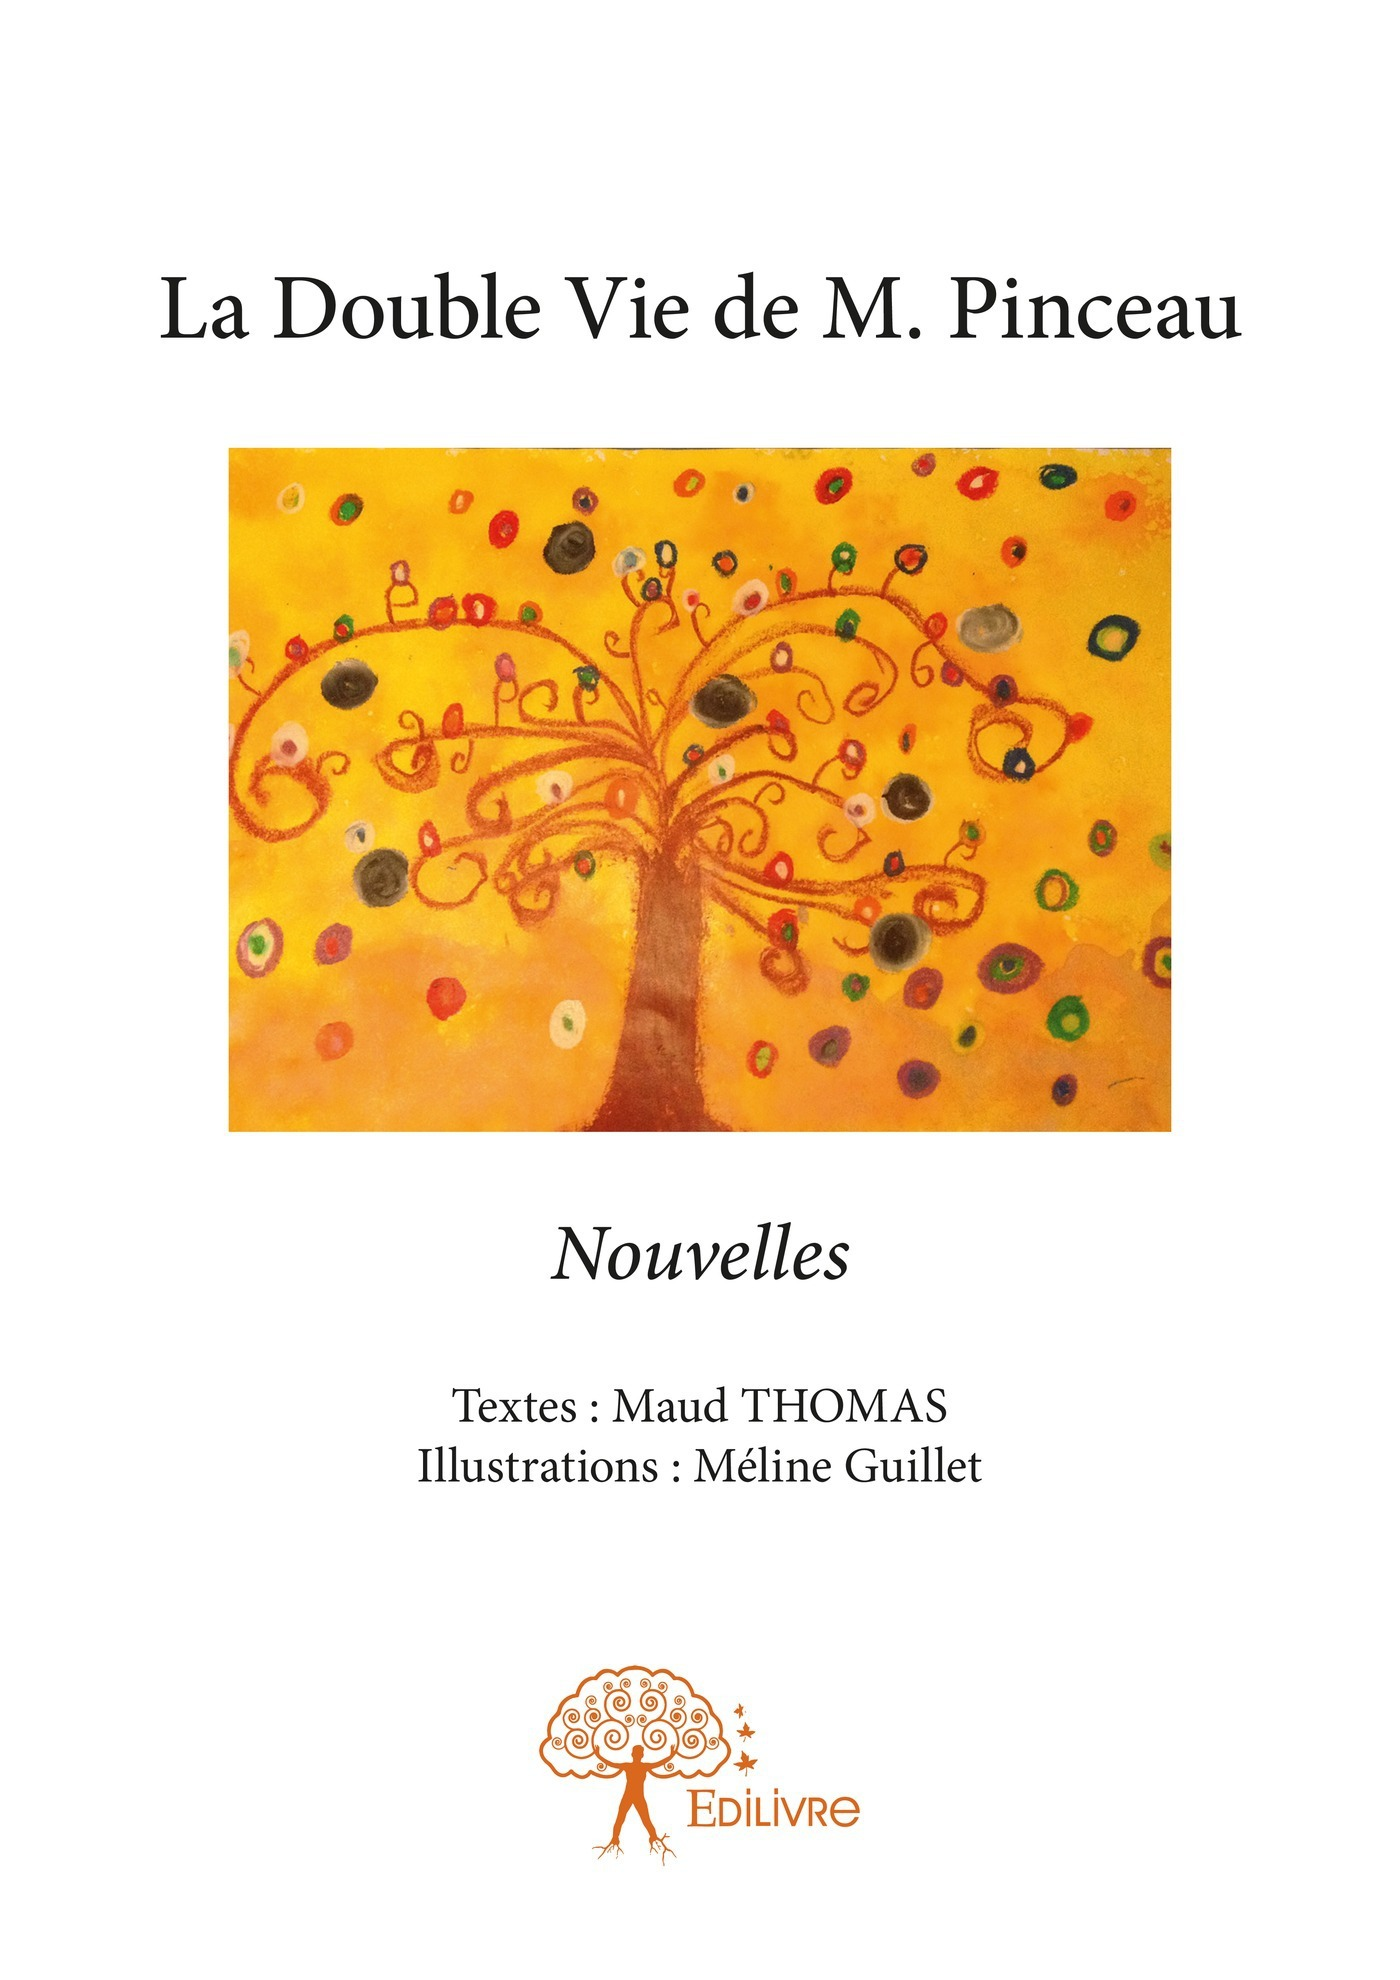 La double vie de M. Pinceau